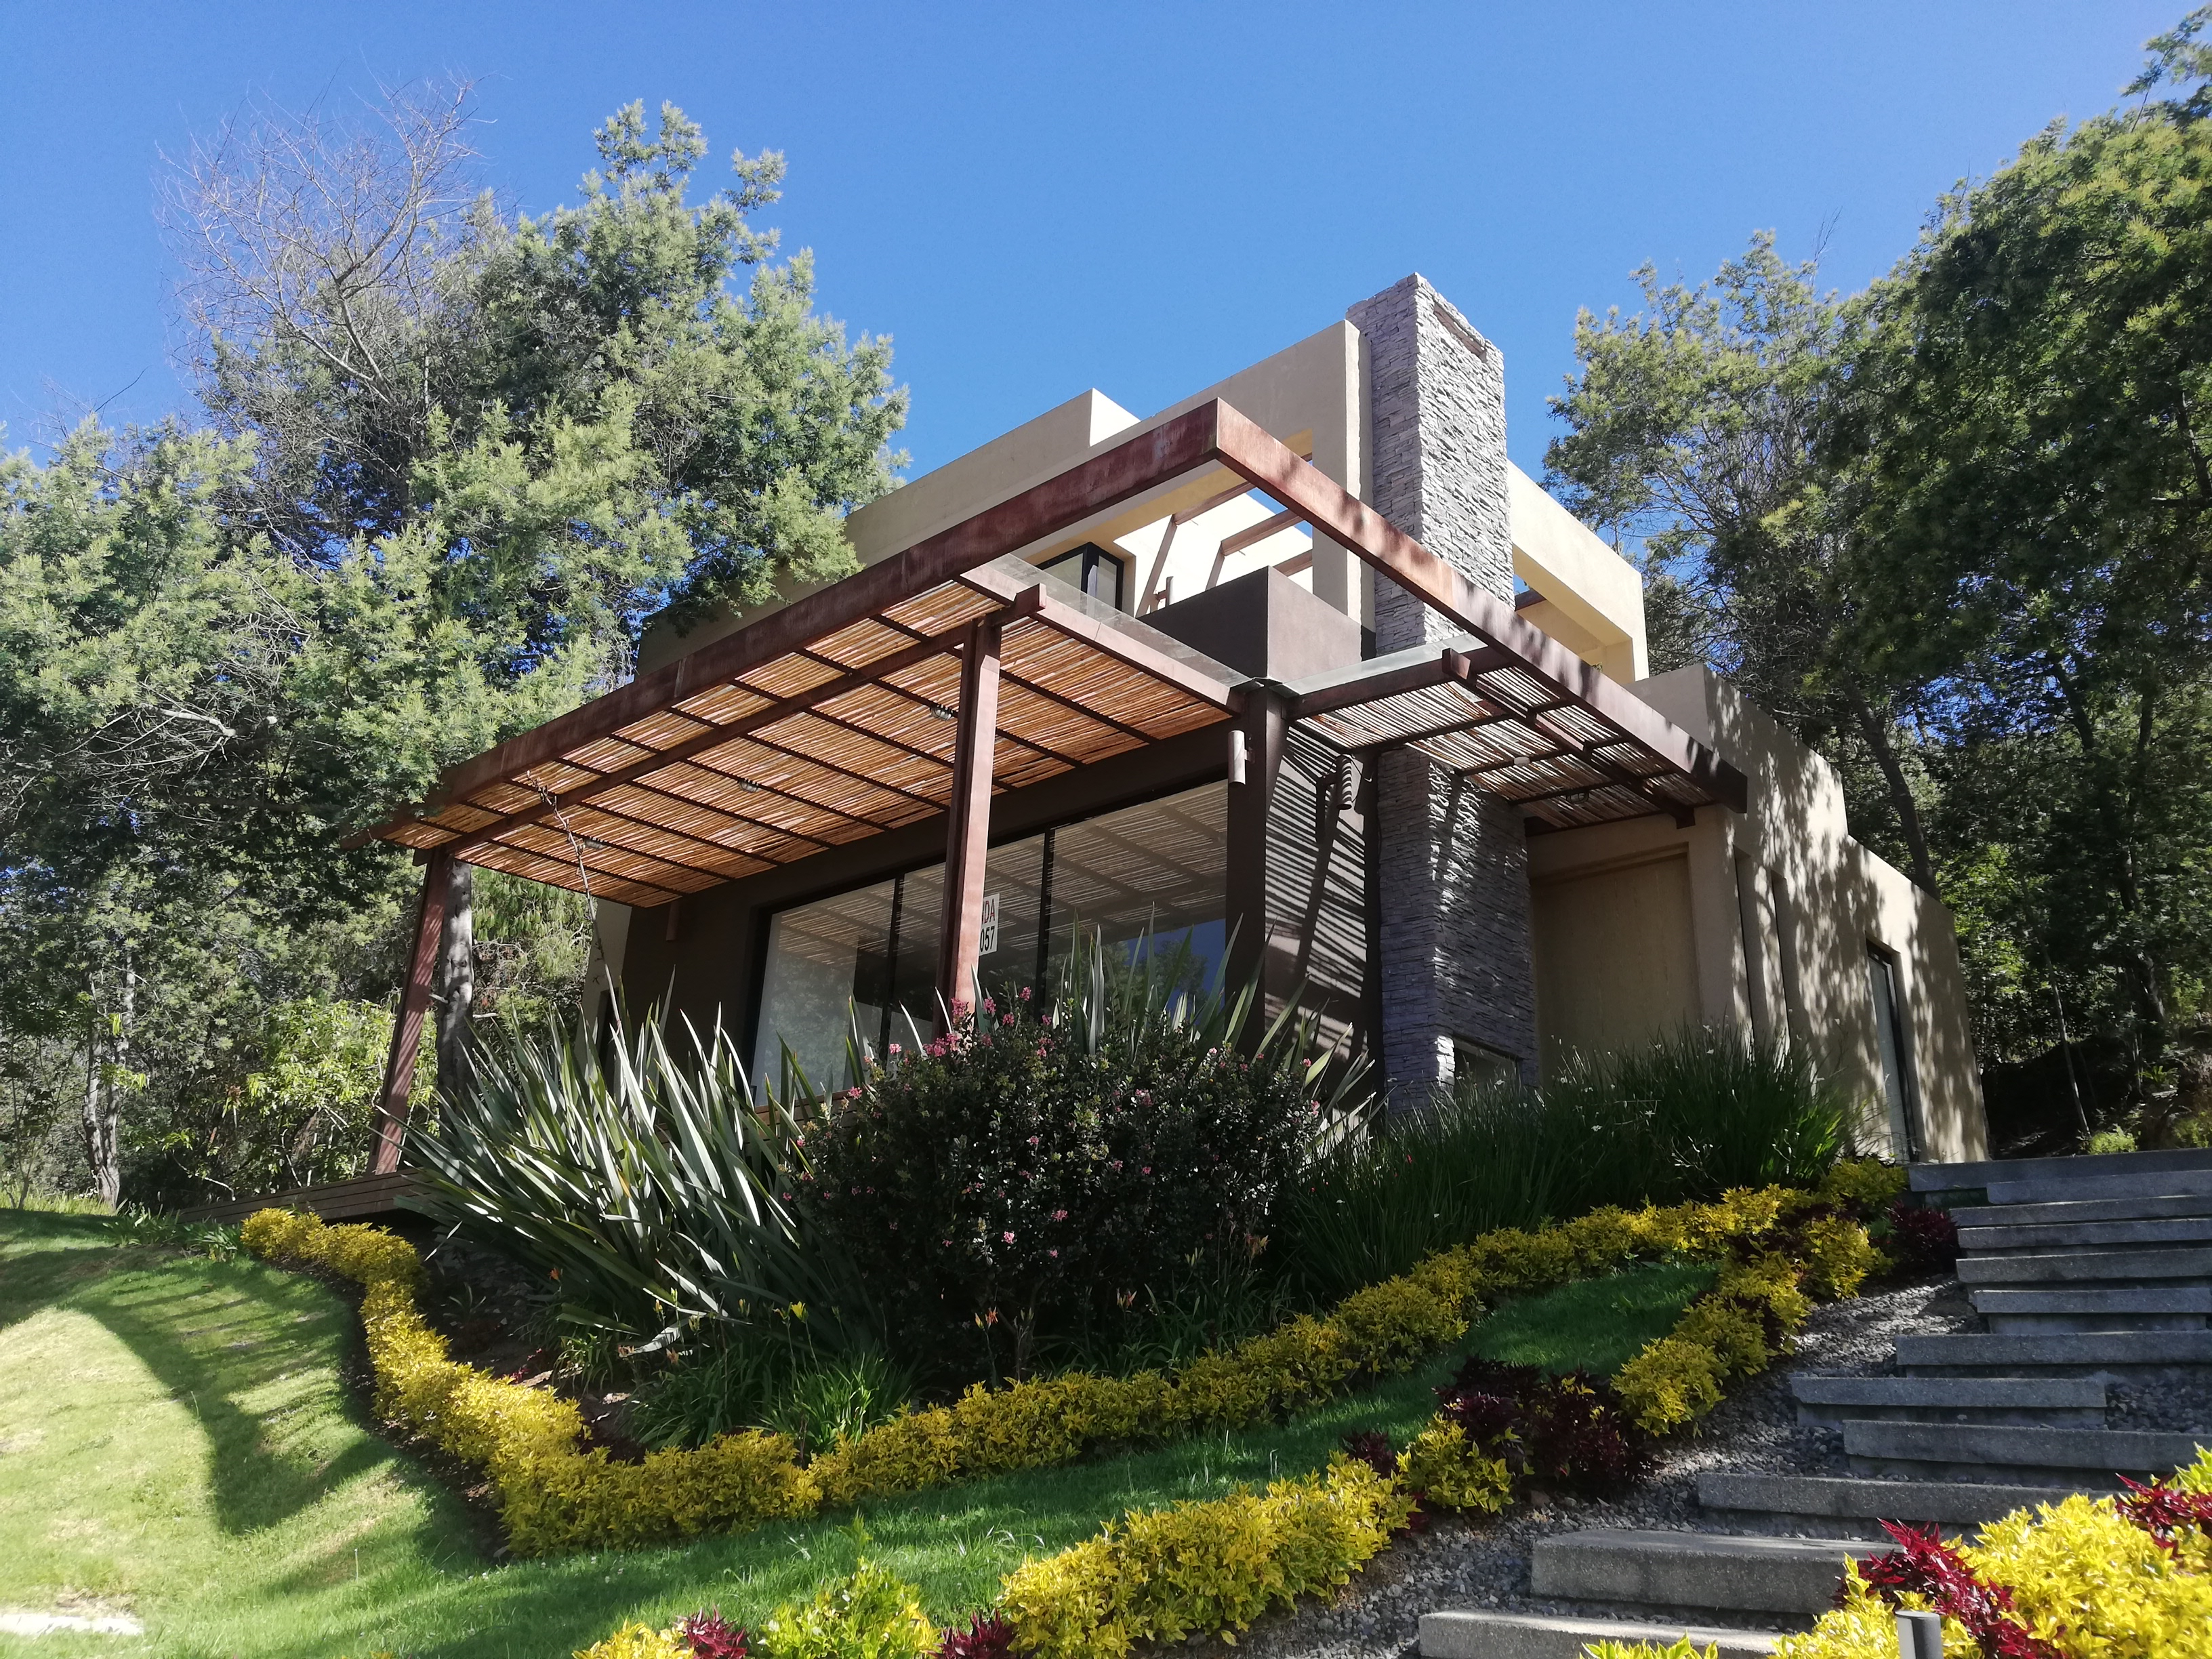 Fachada Frontal - Casa Valencia